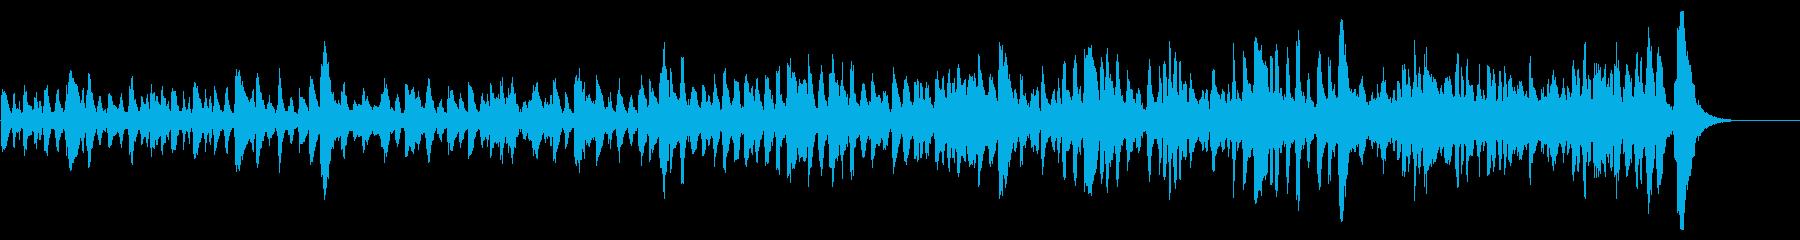 森の妖精や動物たちの陽気なポルカ風音楽の再生済みの波形